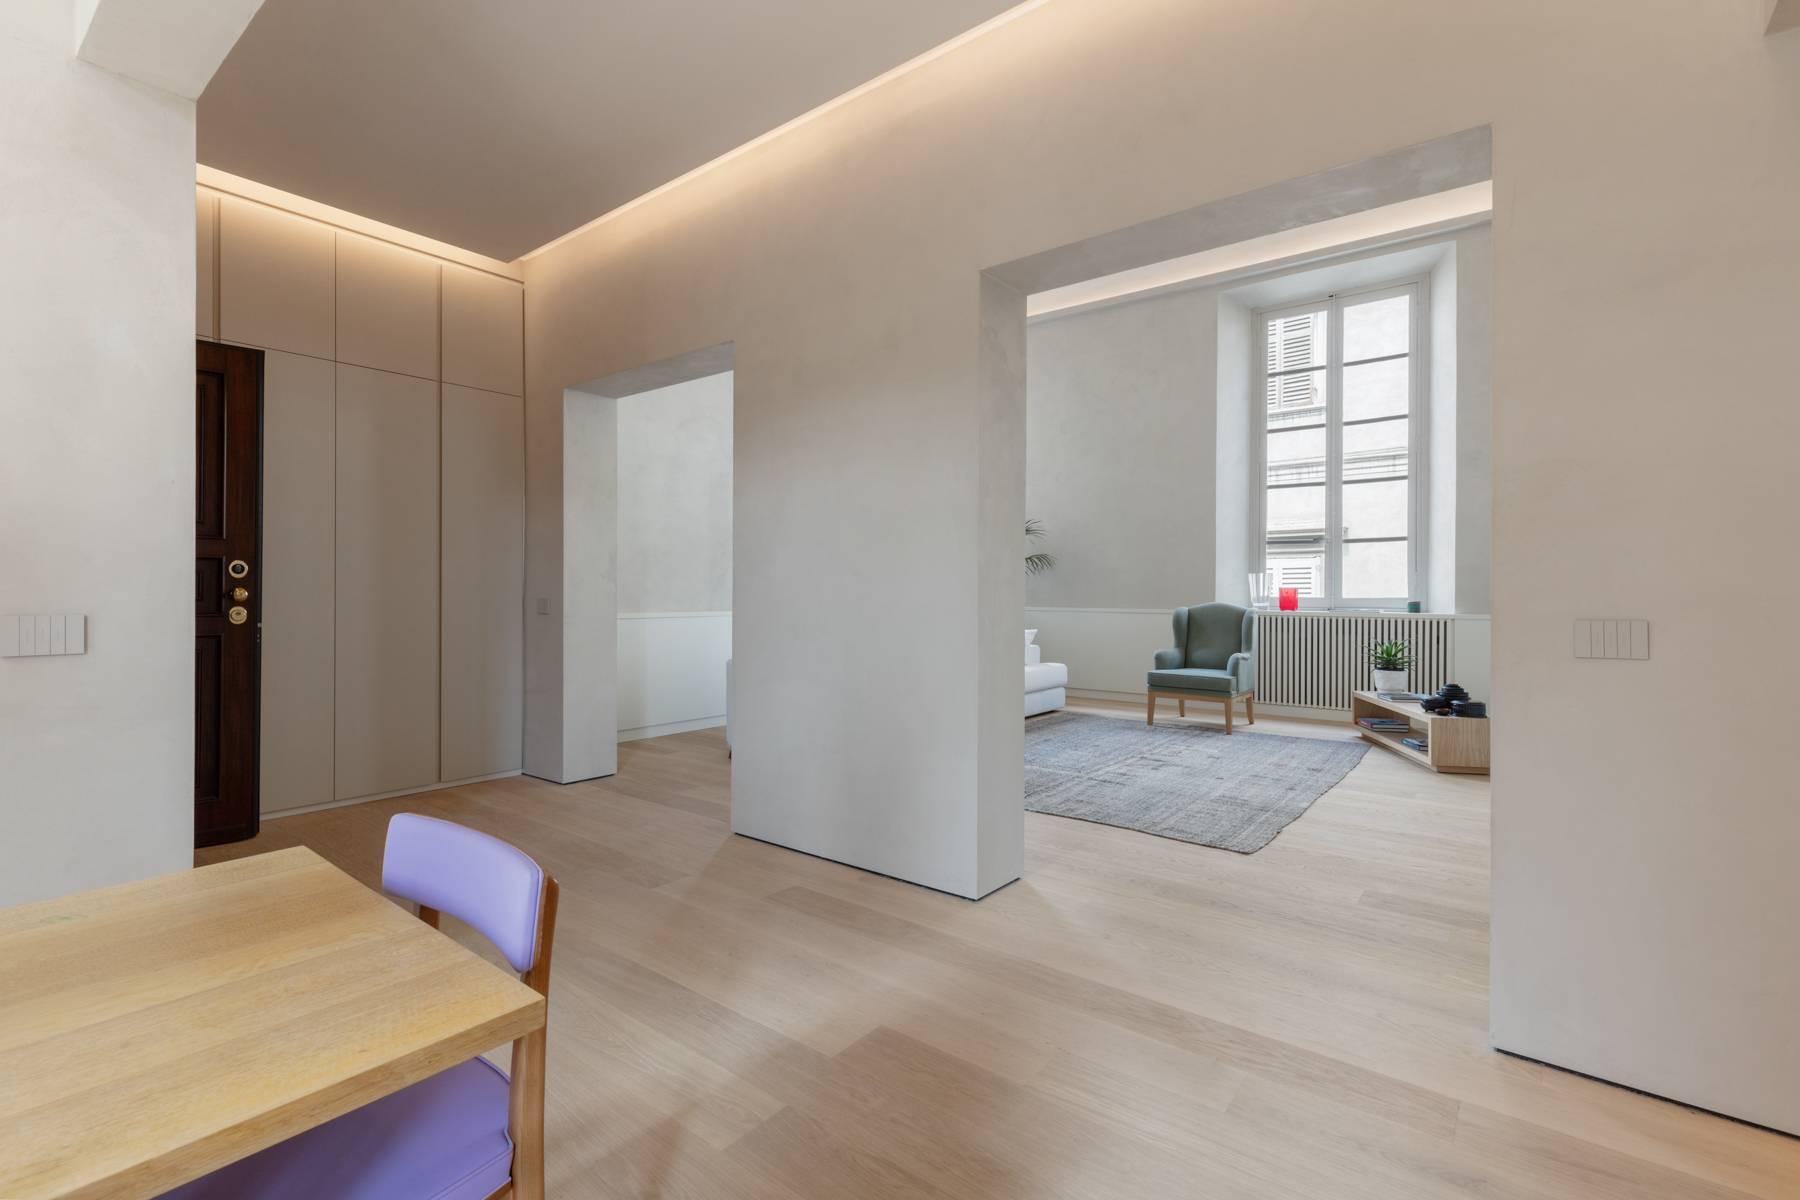 Elegante appartamento nel centro di Piacenza - 3